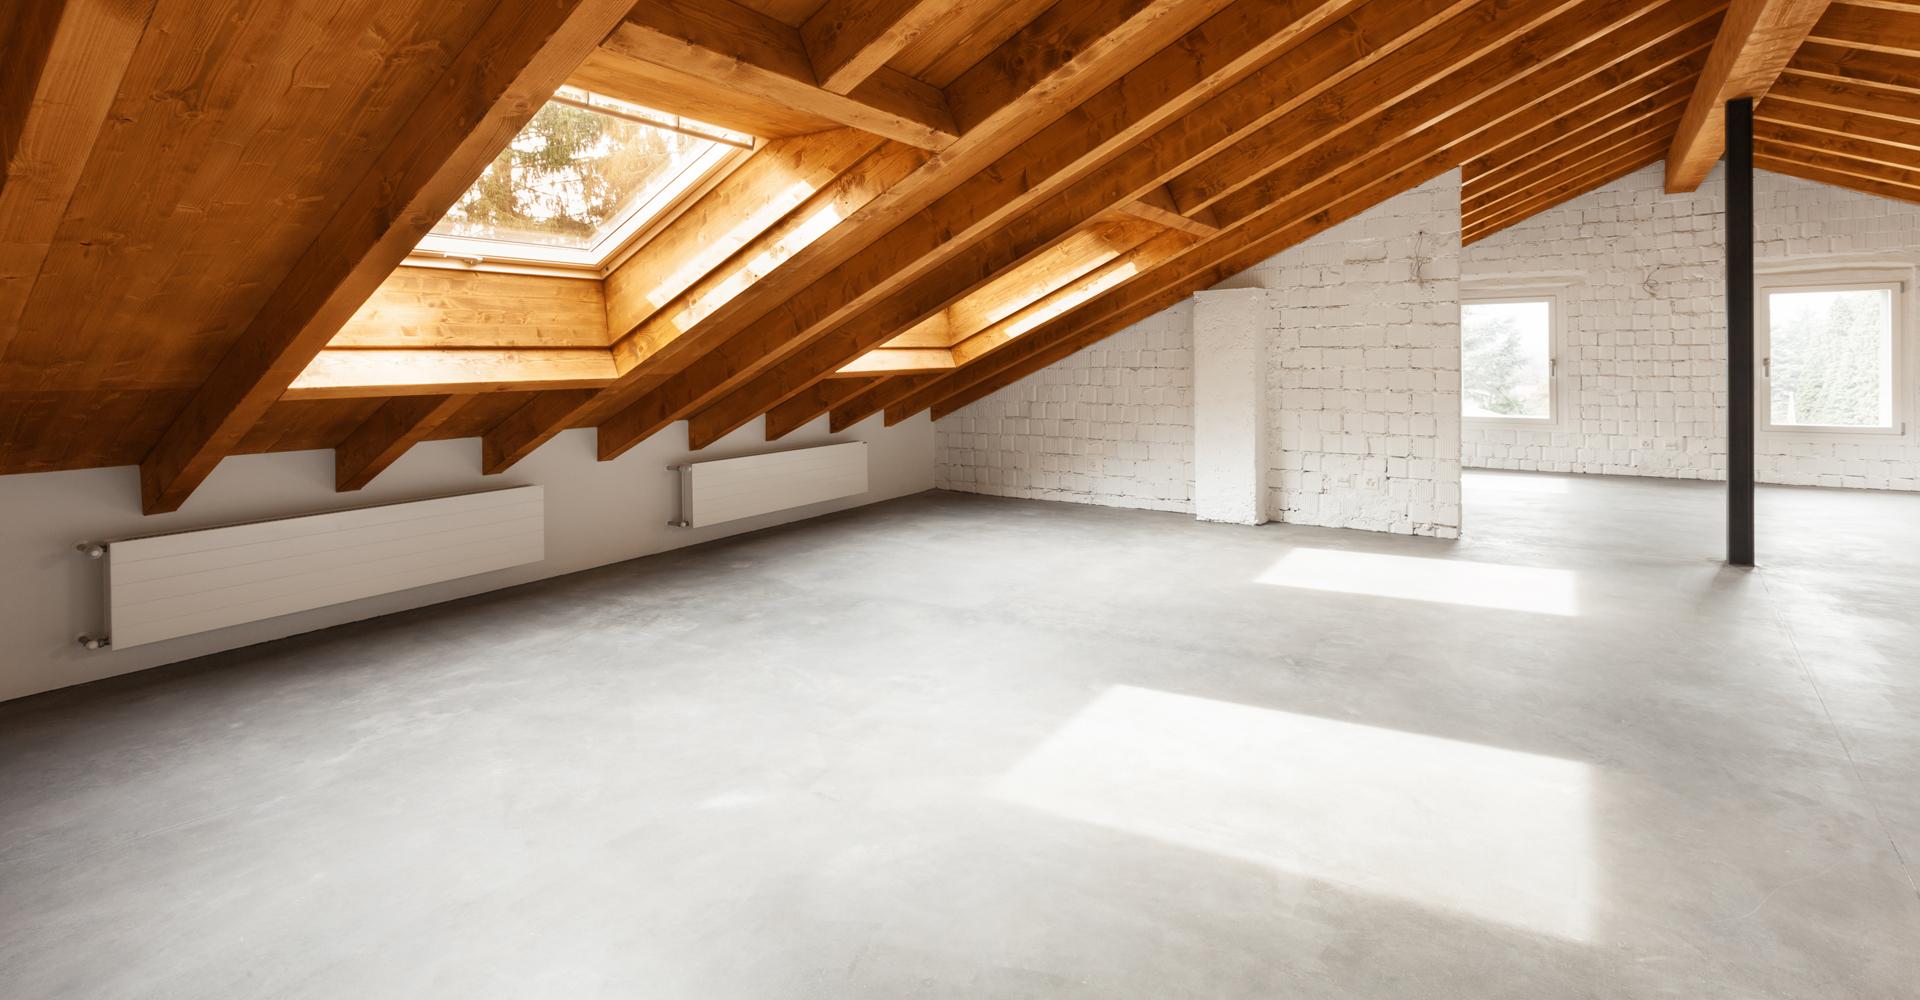 Woonbeton vloer woonhuis